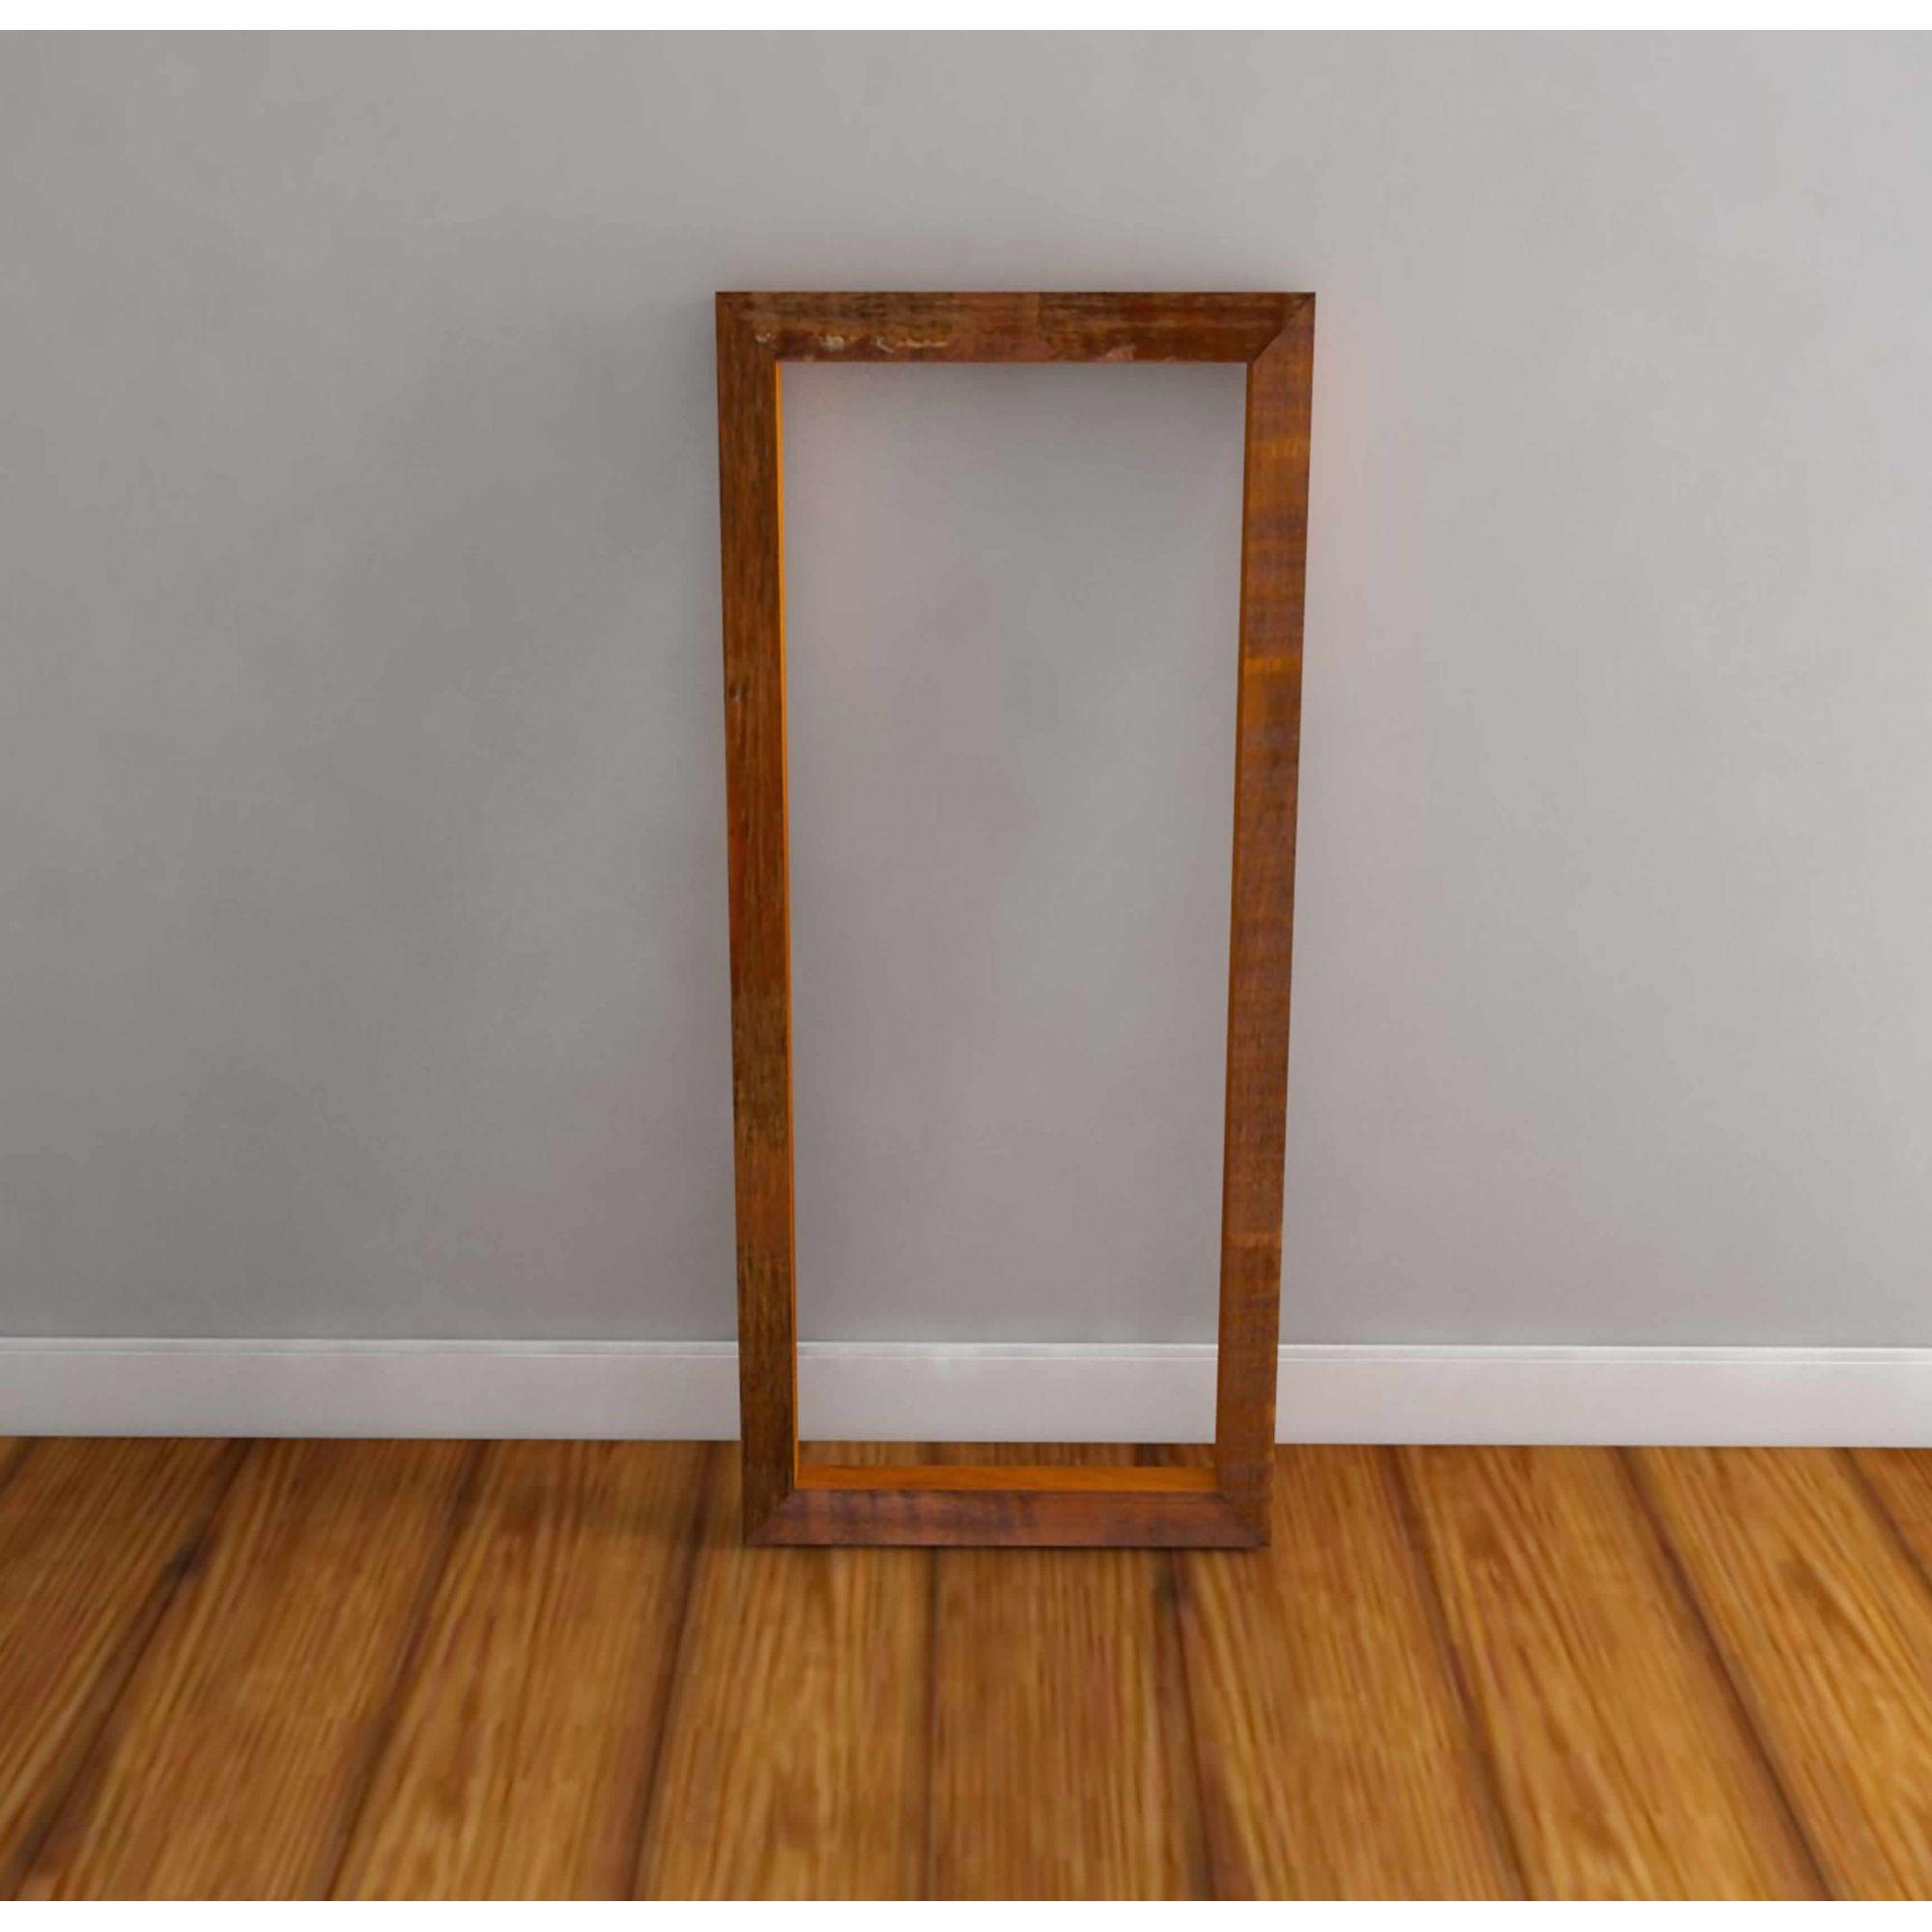 Moldura Para Espelho Rústica Em Madeira De Demolição 2,00x90 Sem Espelho